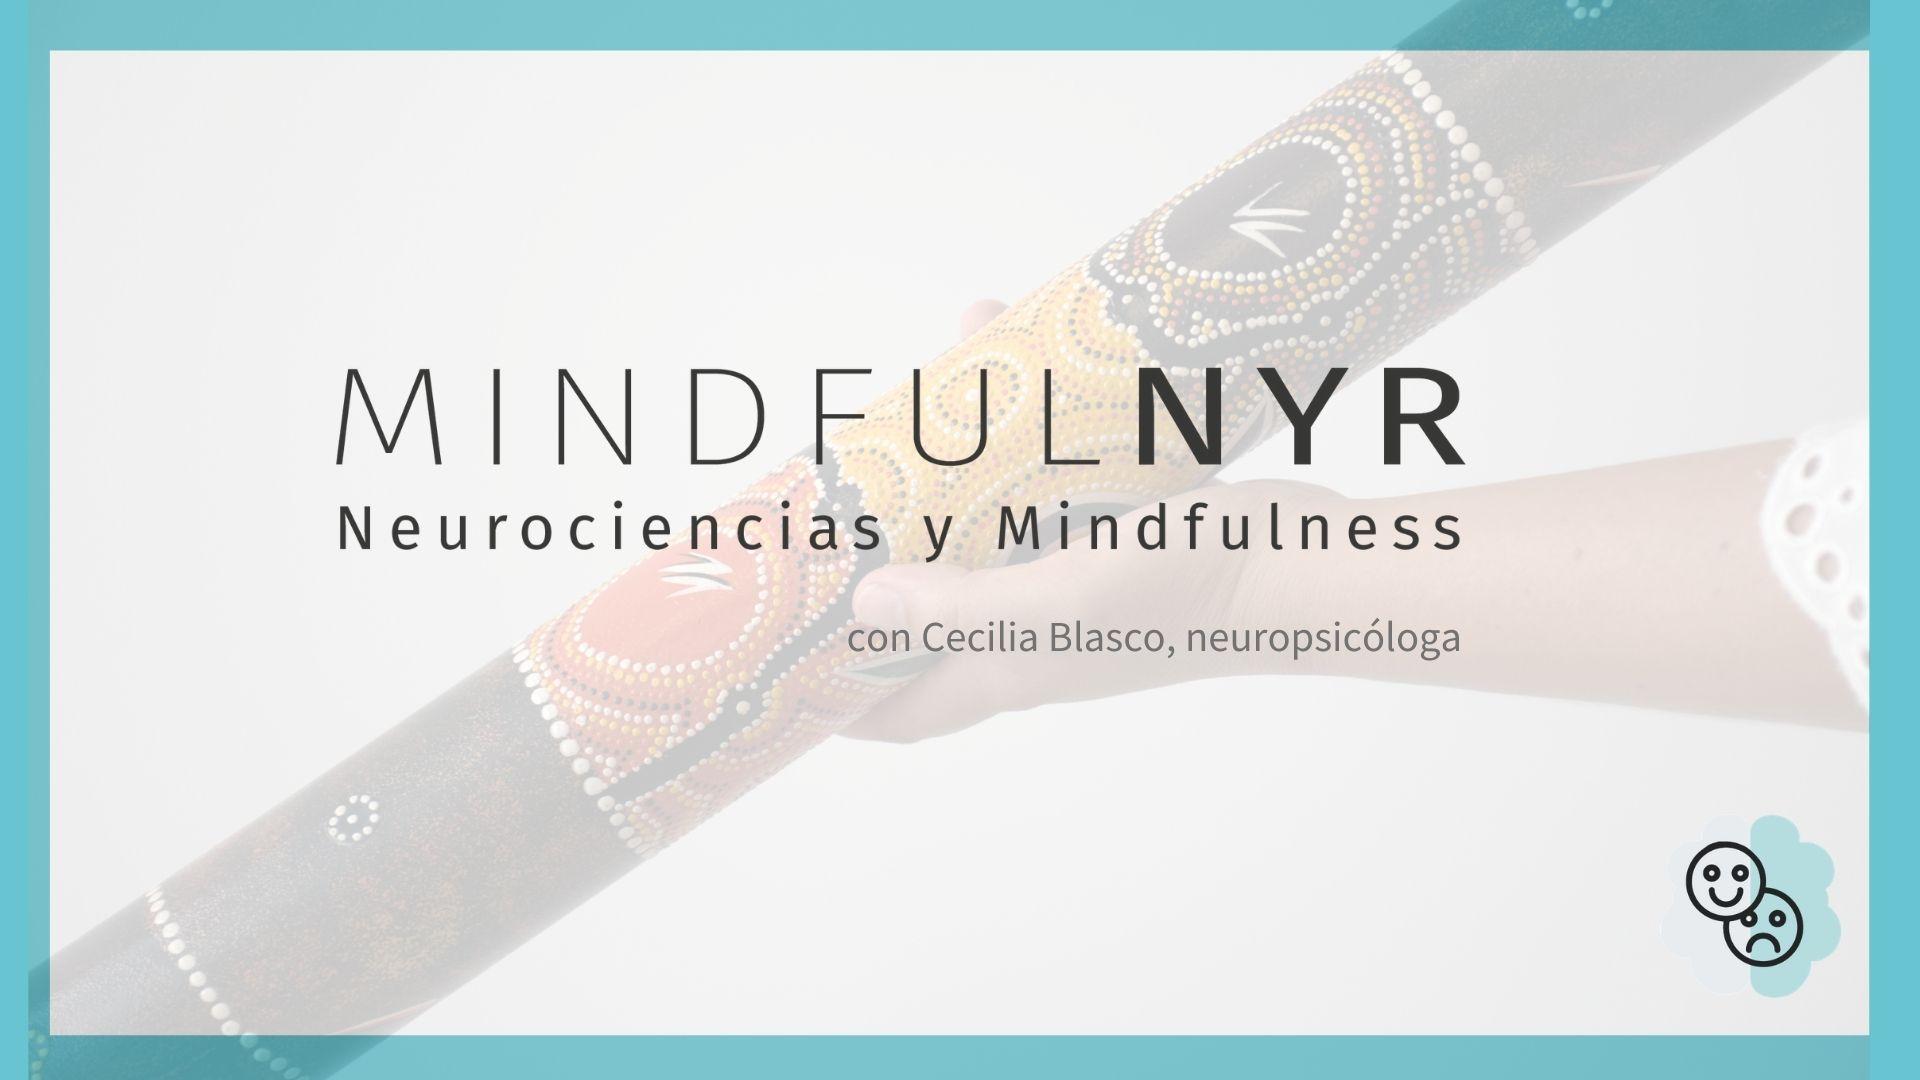 Mindfulnyr